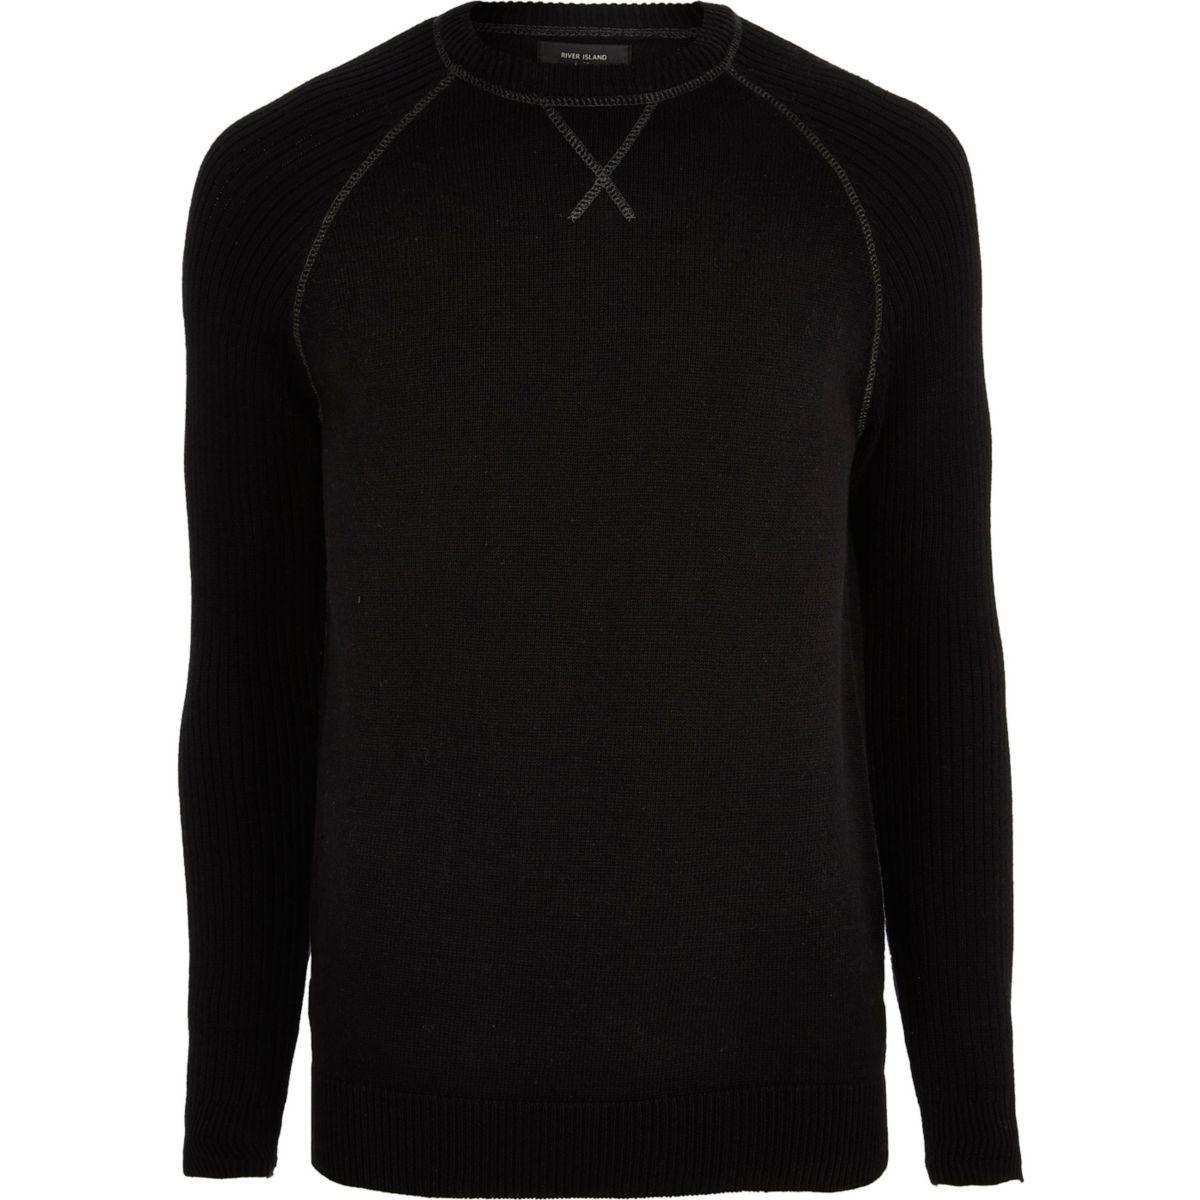 Big and Tall black knit raglan sleeve jumper